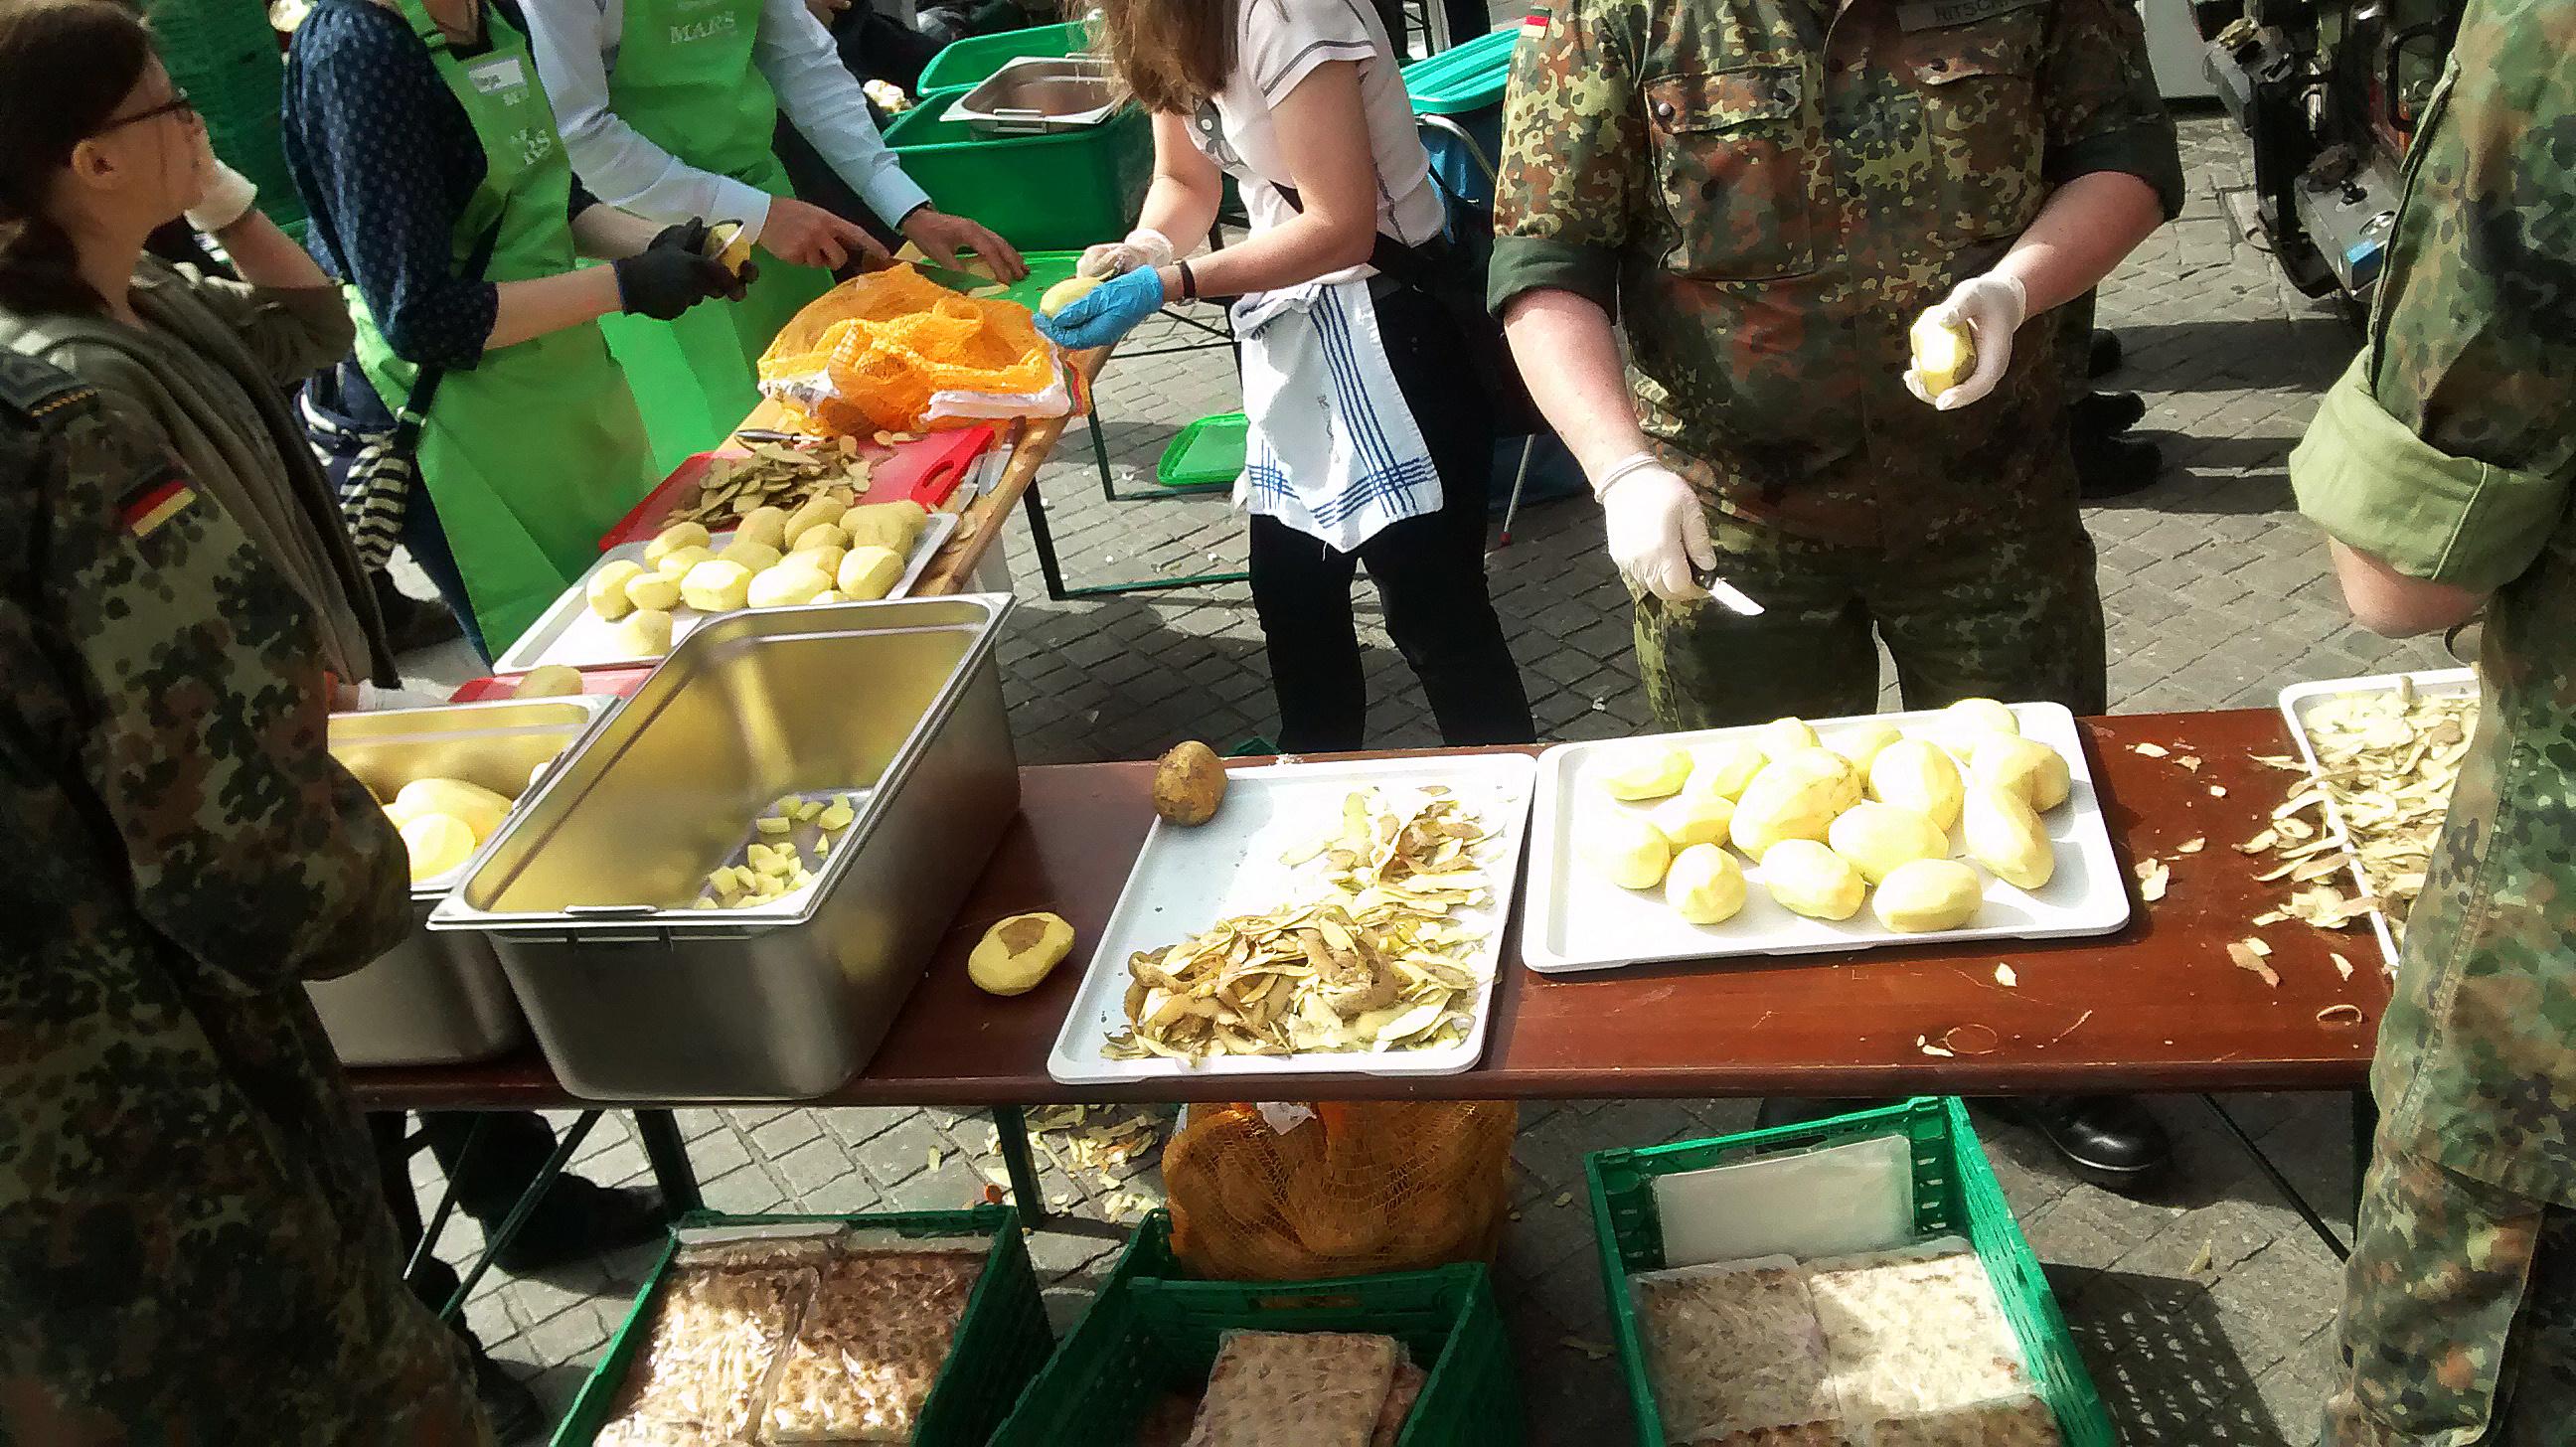 Freiwillige in Schürzen und Militäruniformen schälen Kartoffeln